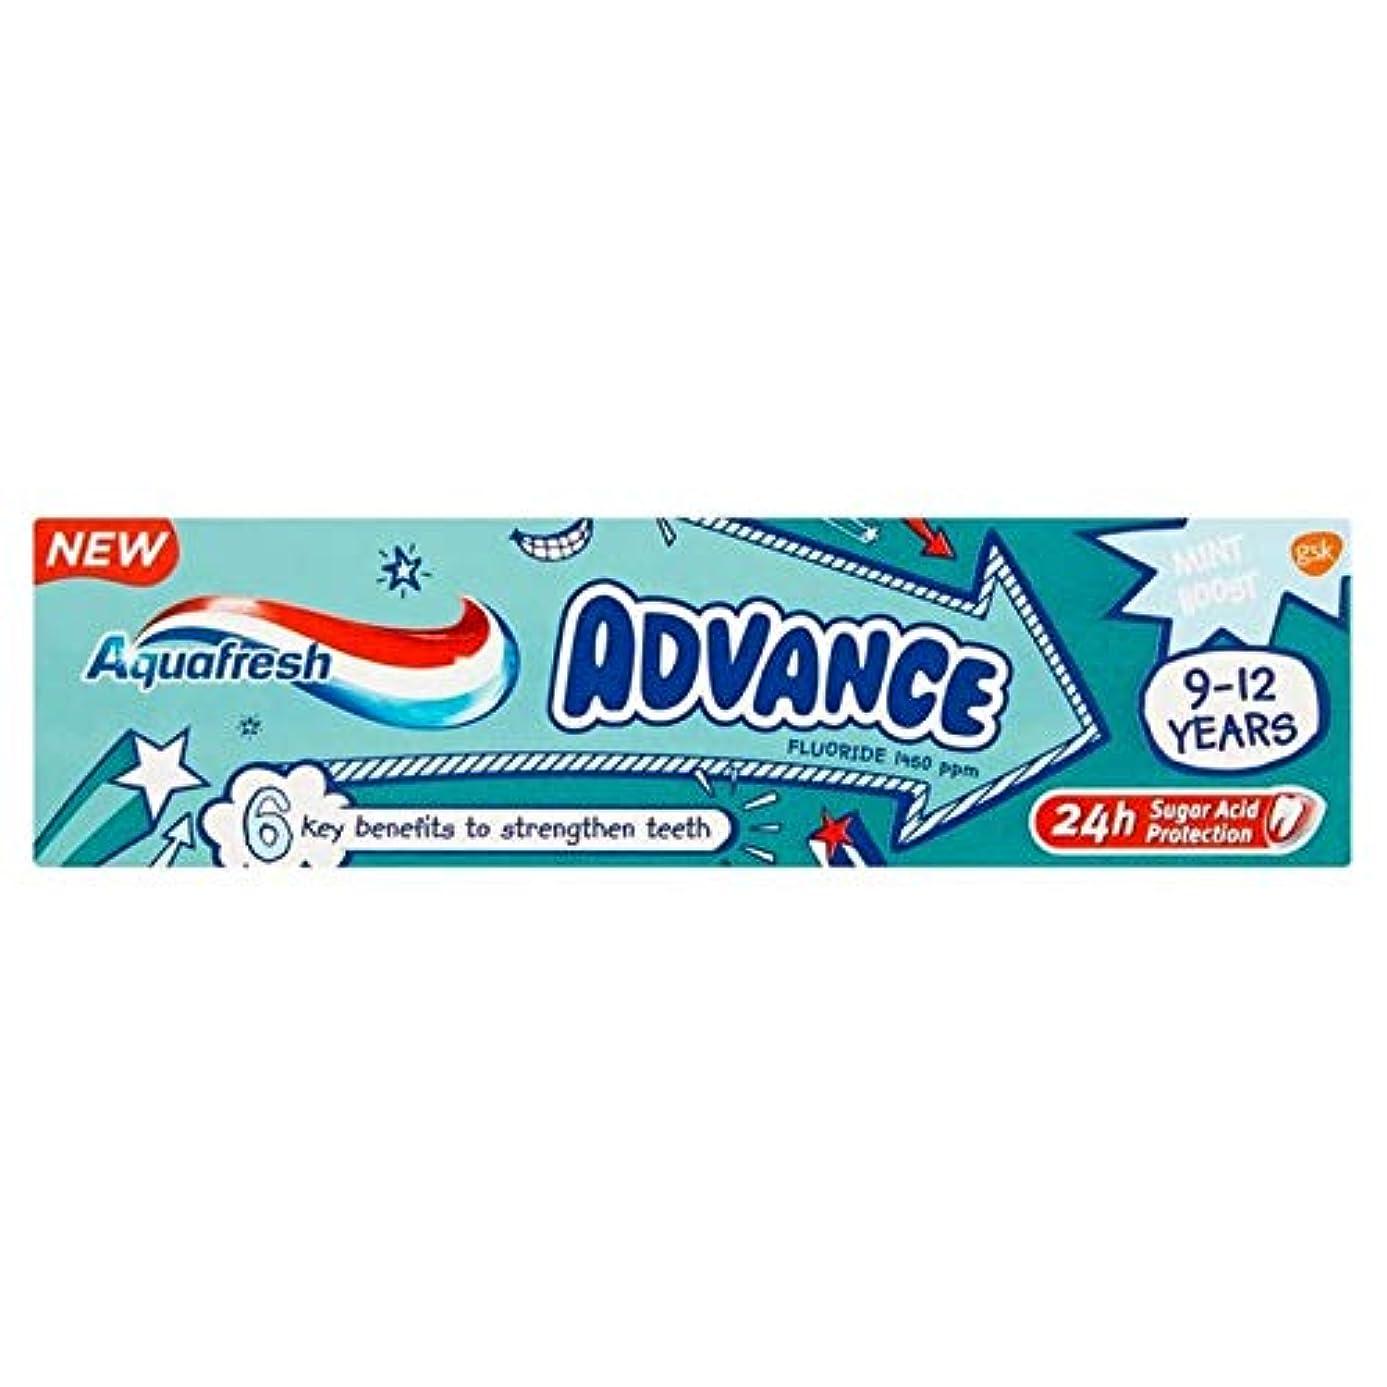 追放アウター出費[Aquafresh ] アクアフレッシュの事前9-12年間の子供の歯磨き粉75ミリリットル - Aquafresh Advance 9-12 Years Kids Toothpaste 75ml [並行輸入品]